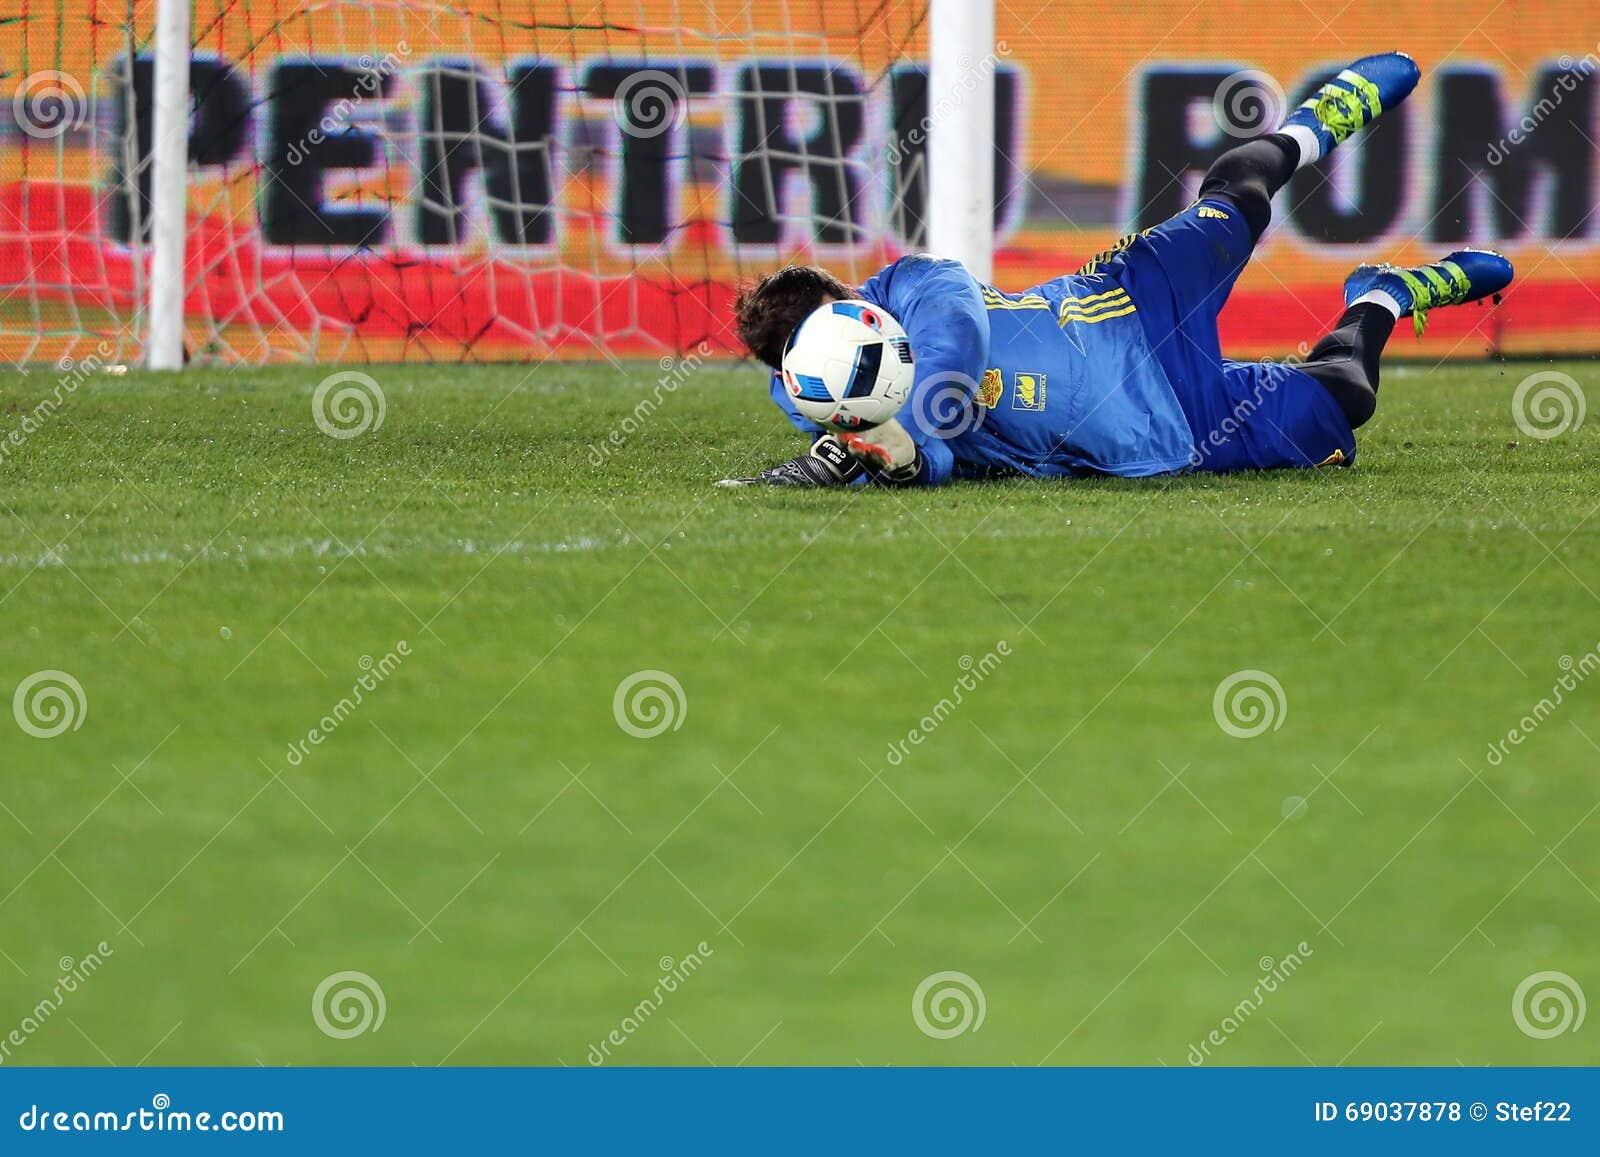 Football goalkeeper - Iker Casillas